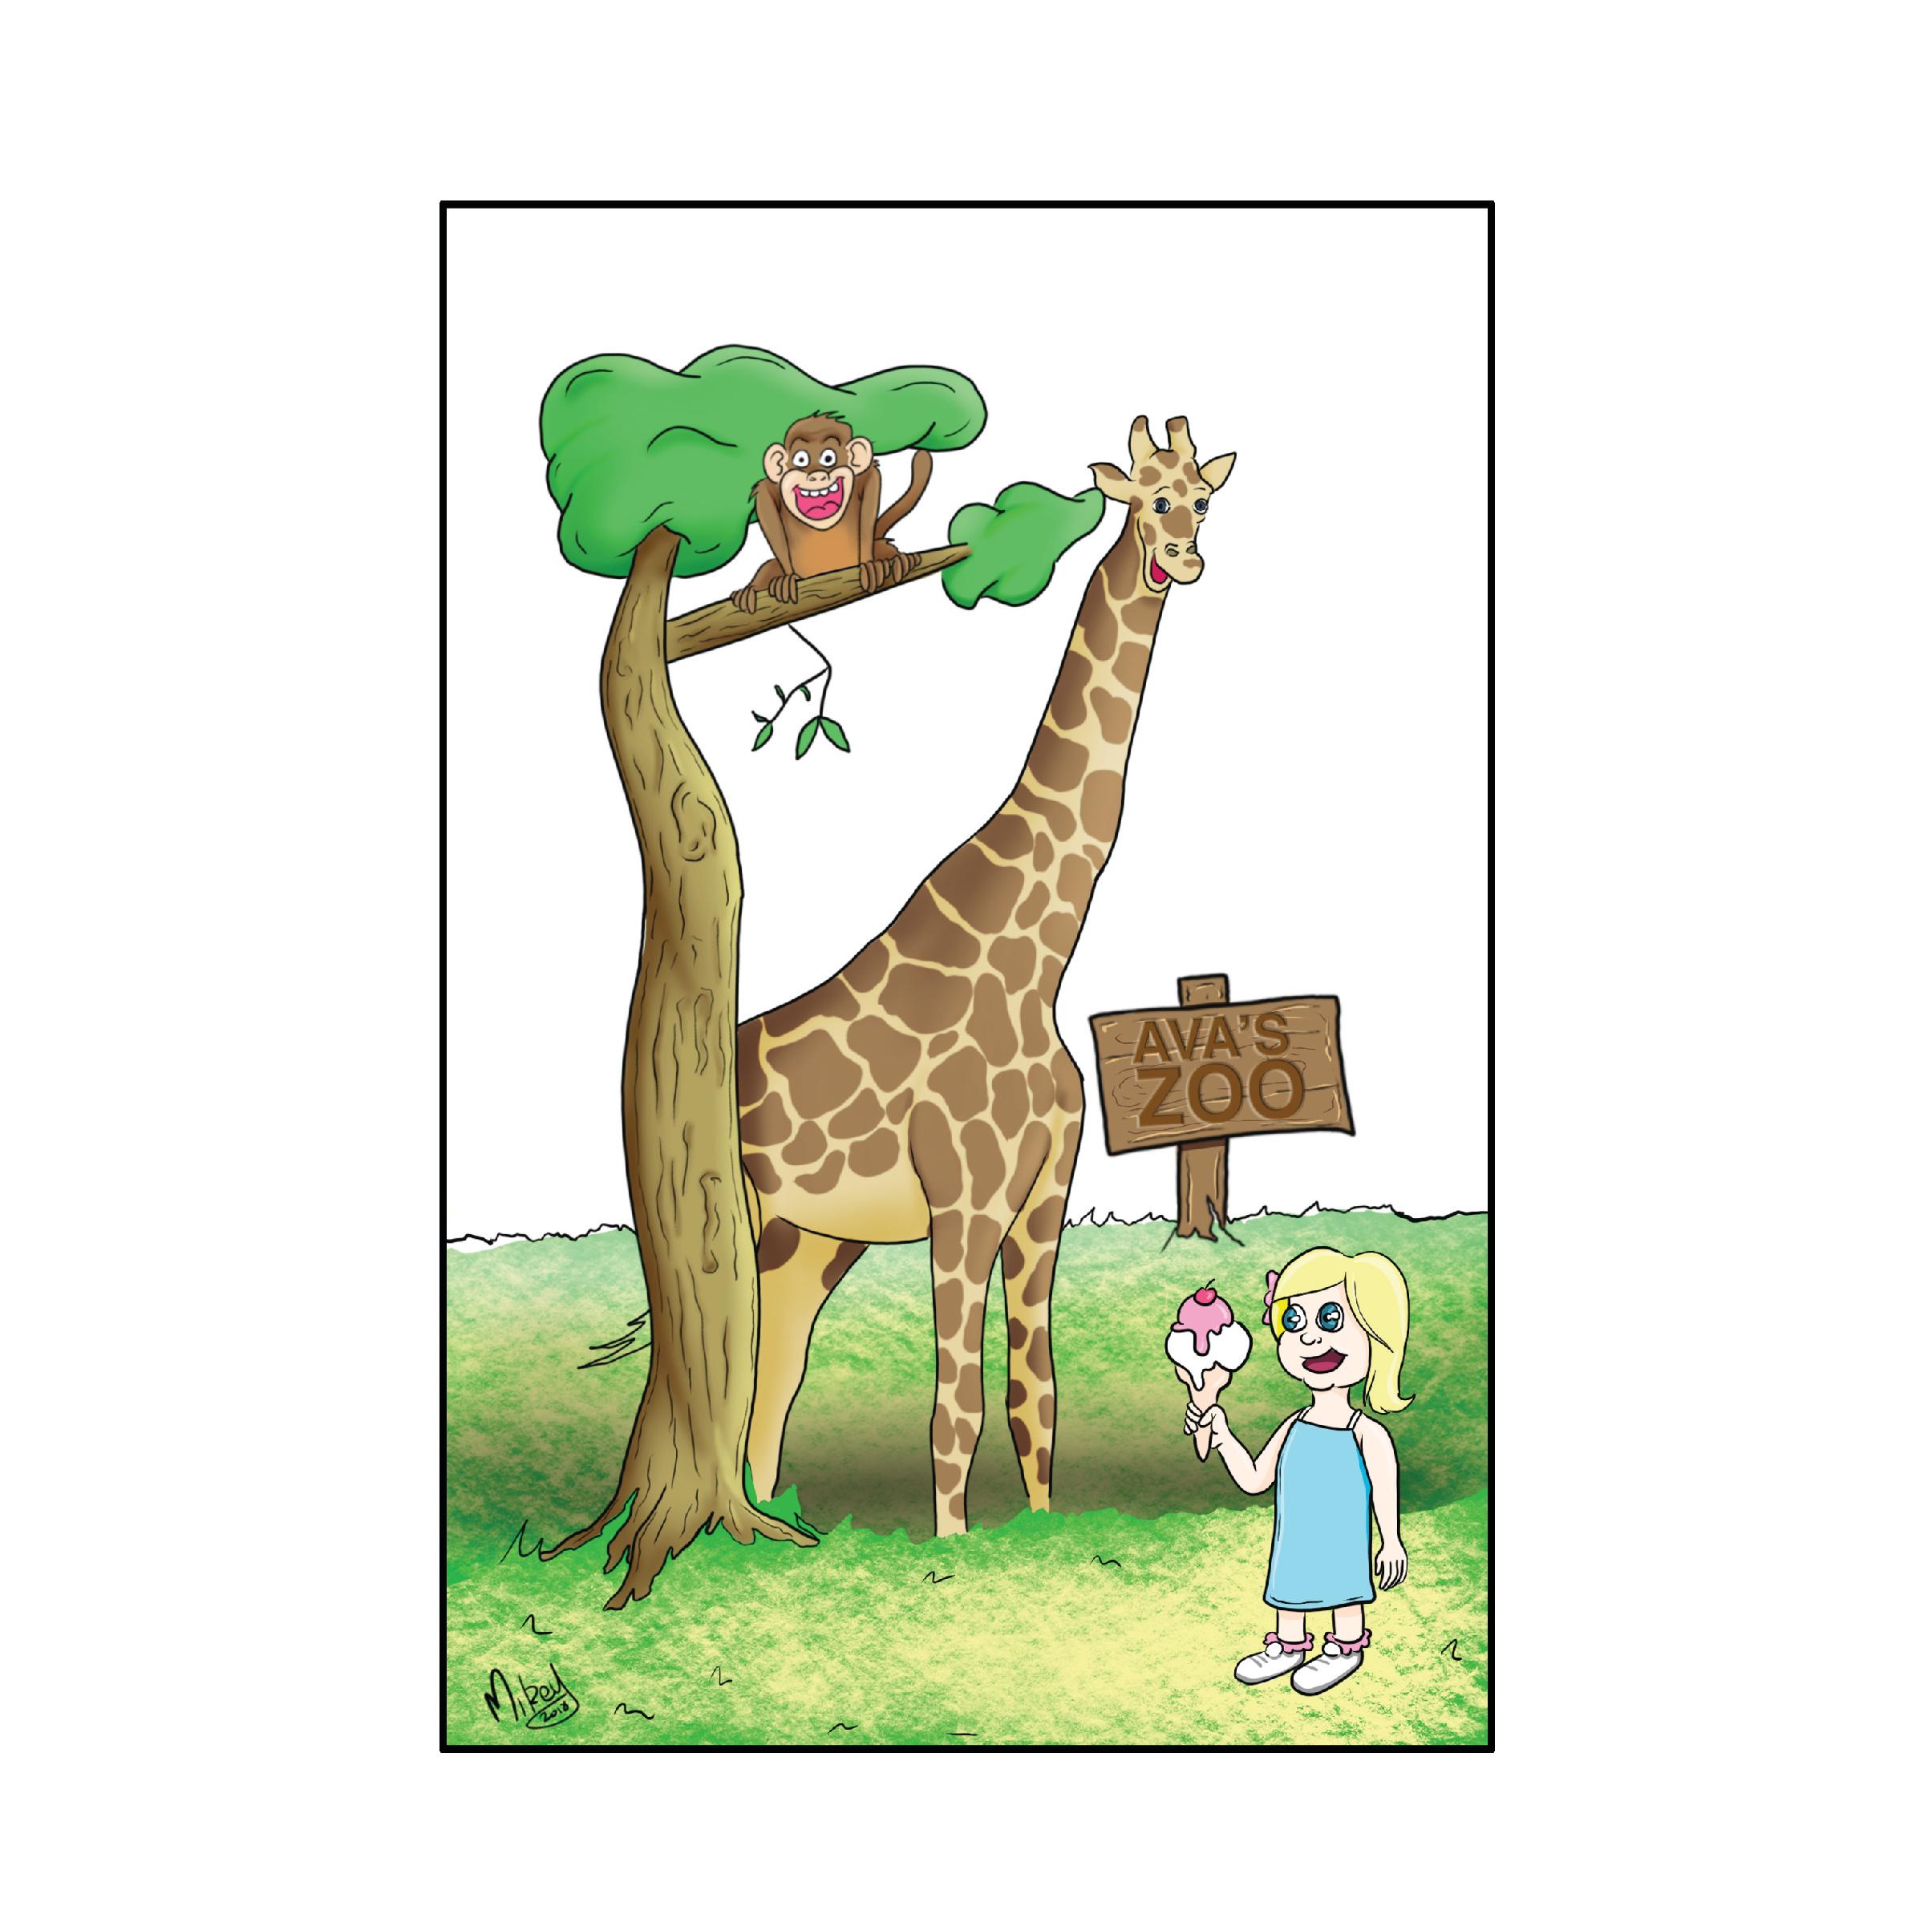 Avas Zoo